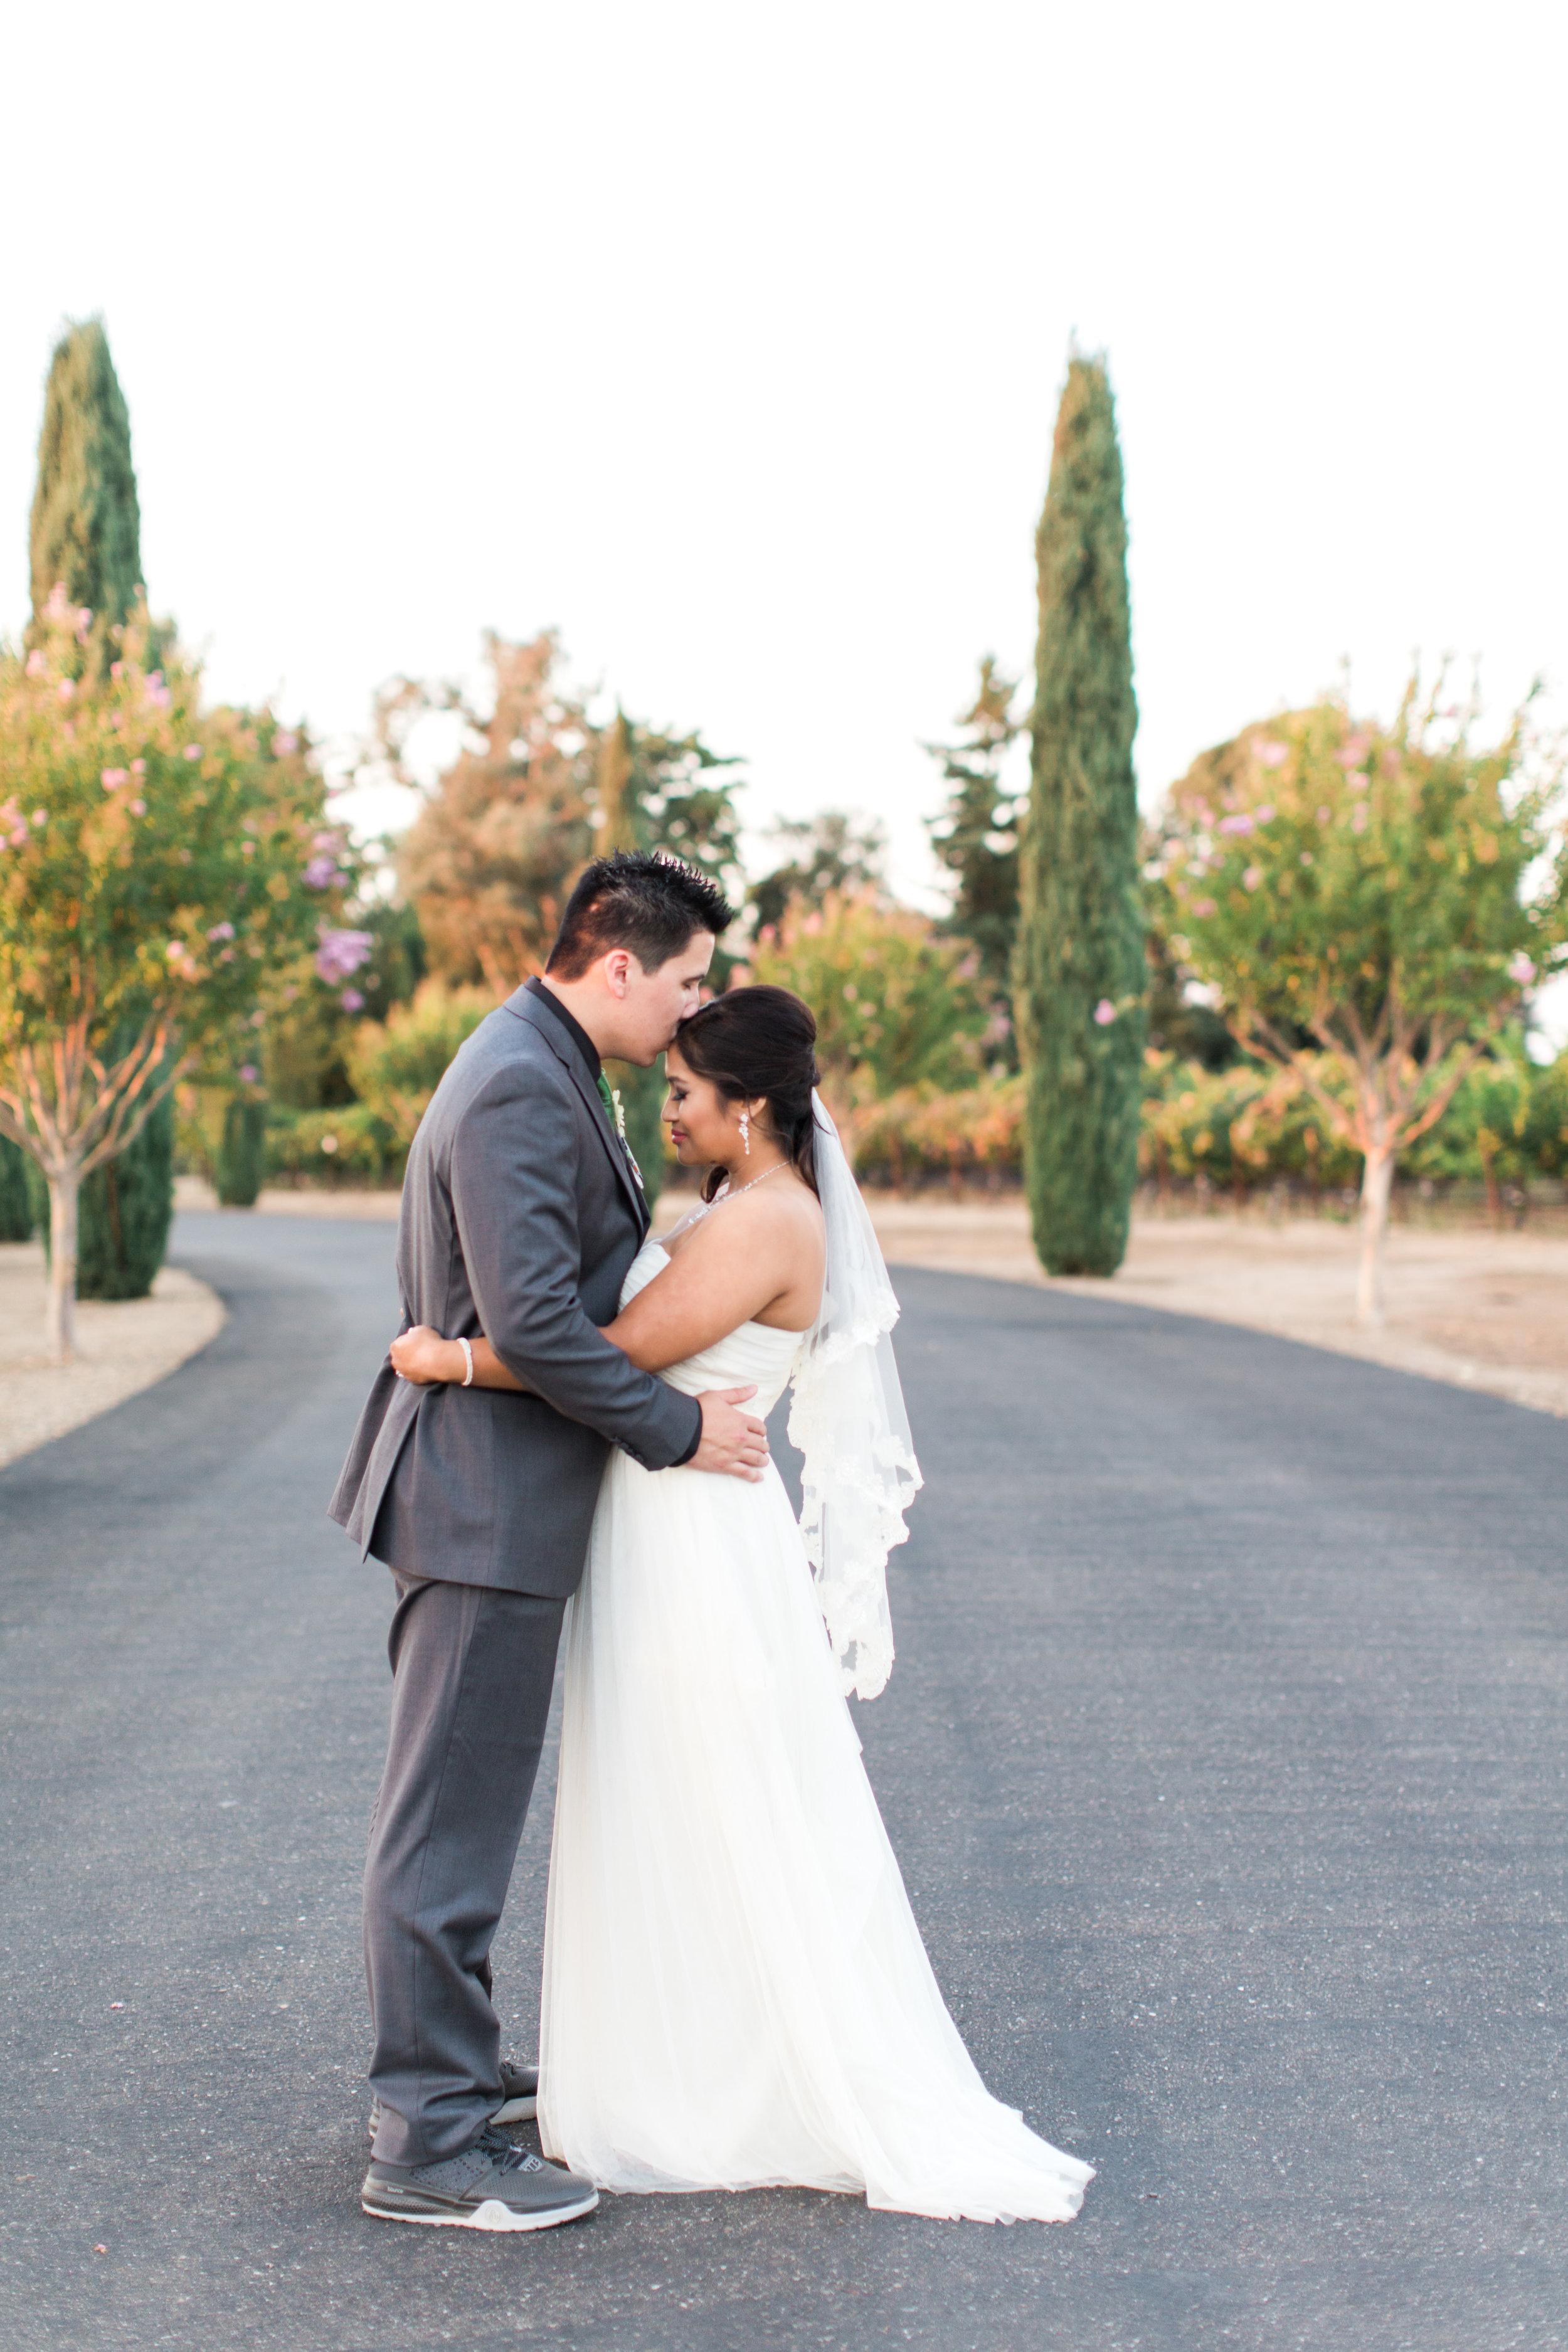 Mettler-family-vineyards-wedding-lodi-california-7638.jpg